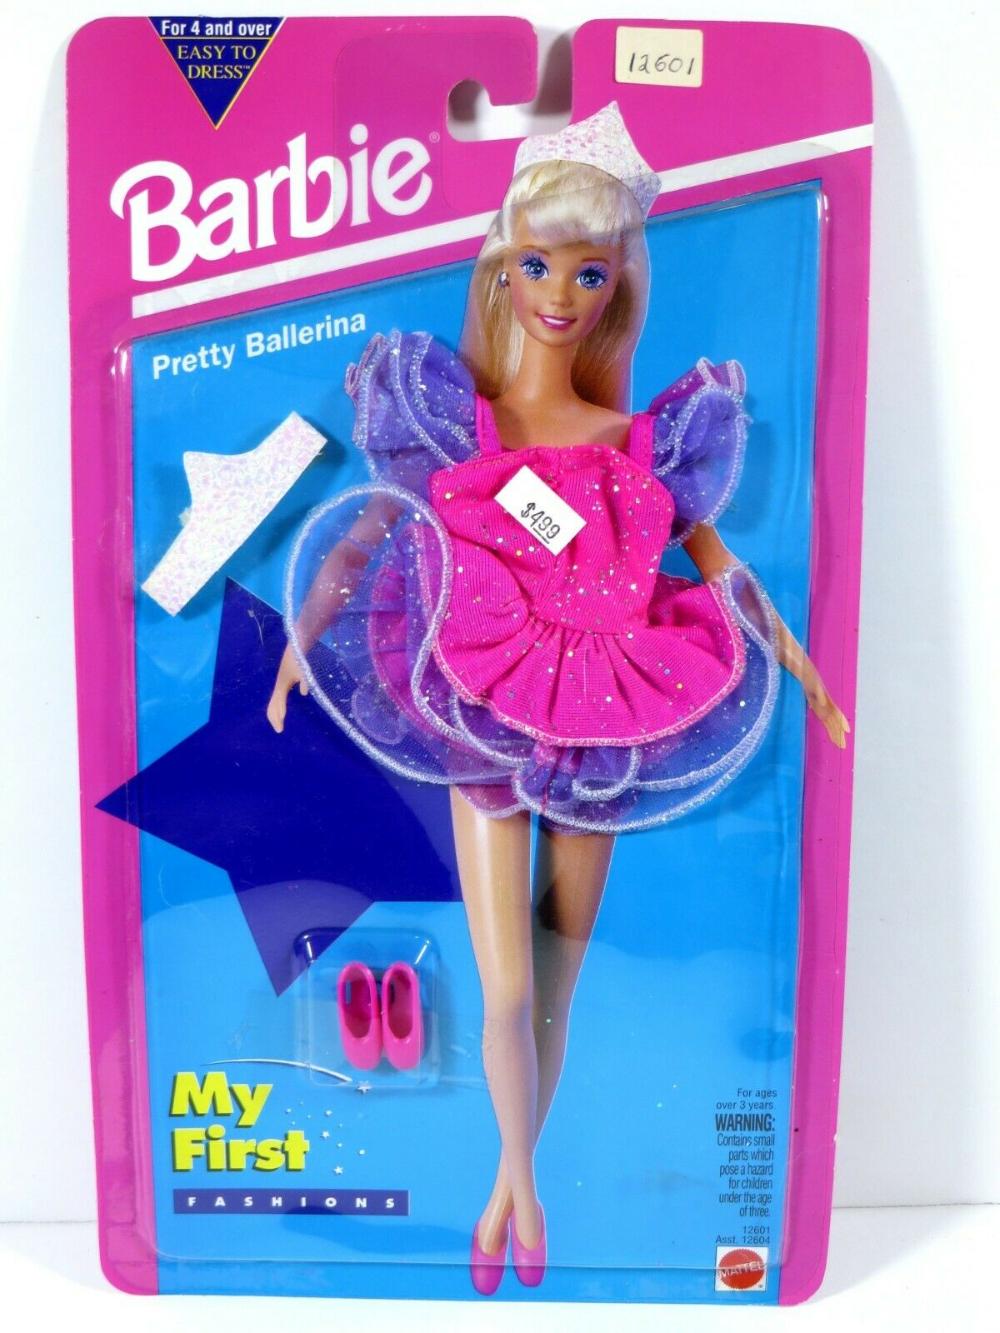 V699 Nib Barbie Doll 1994 My First Fashion Pretty Ballerina 12601 In 2020 Barbie Pretty Ballerinas Ballerina Barbie